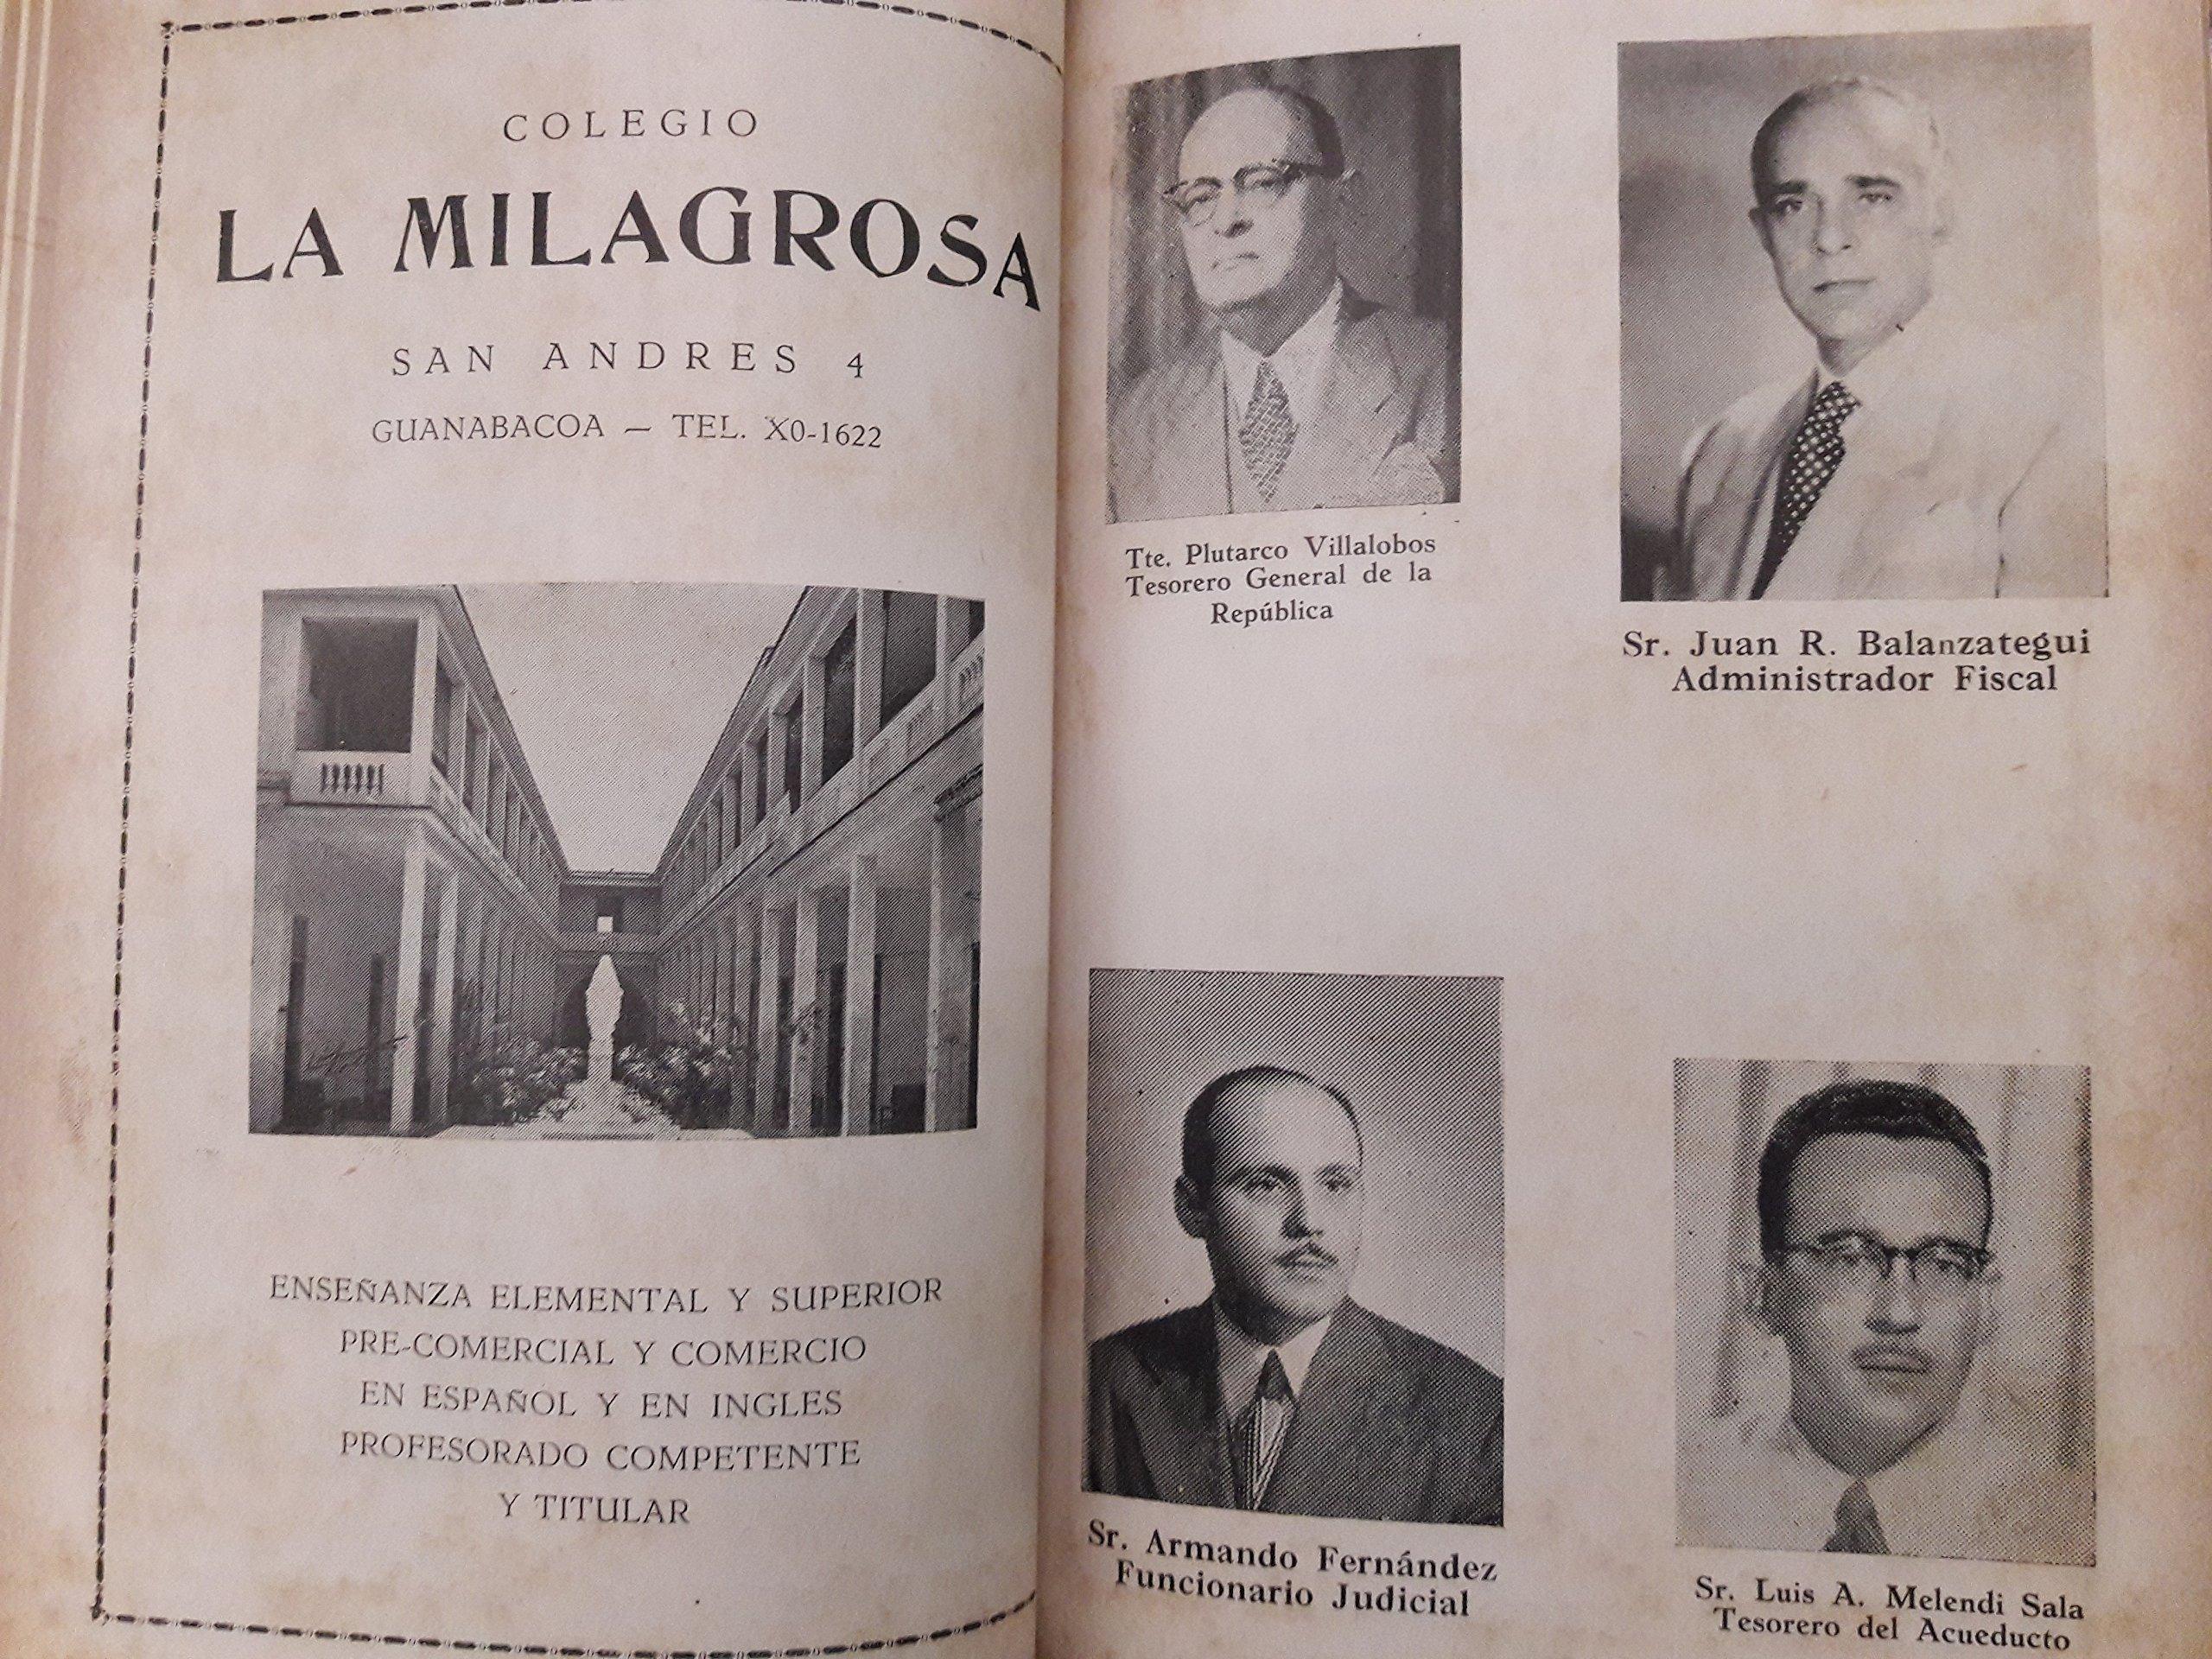 Directorio social, profesional, comercial, e industrial de guanabacoa, habana, cuba.1957.: nena marcos Luis santamaria: Amazon.com: Books